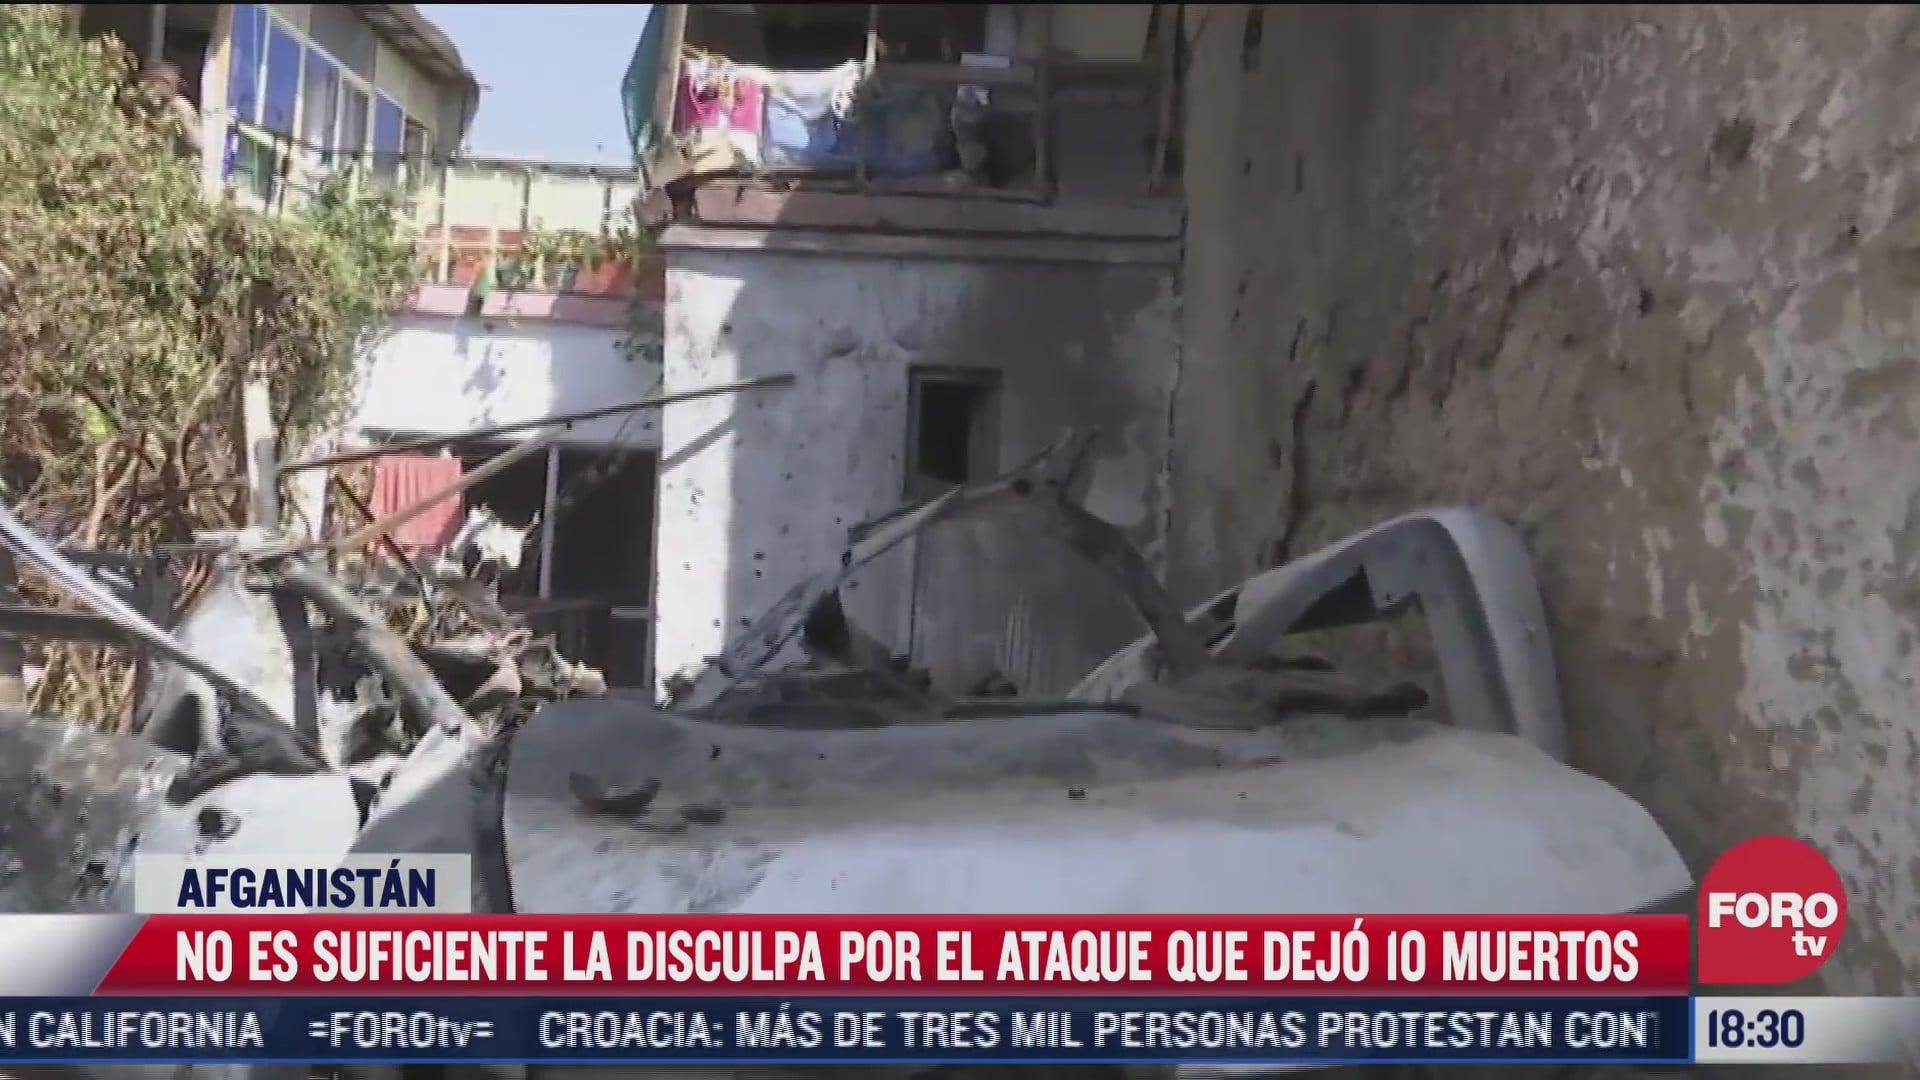 rechazan familias disculpa por ataque en afganistan